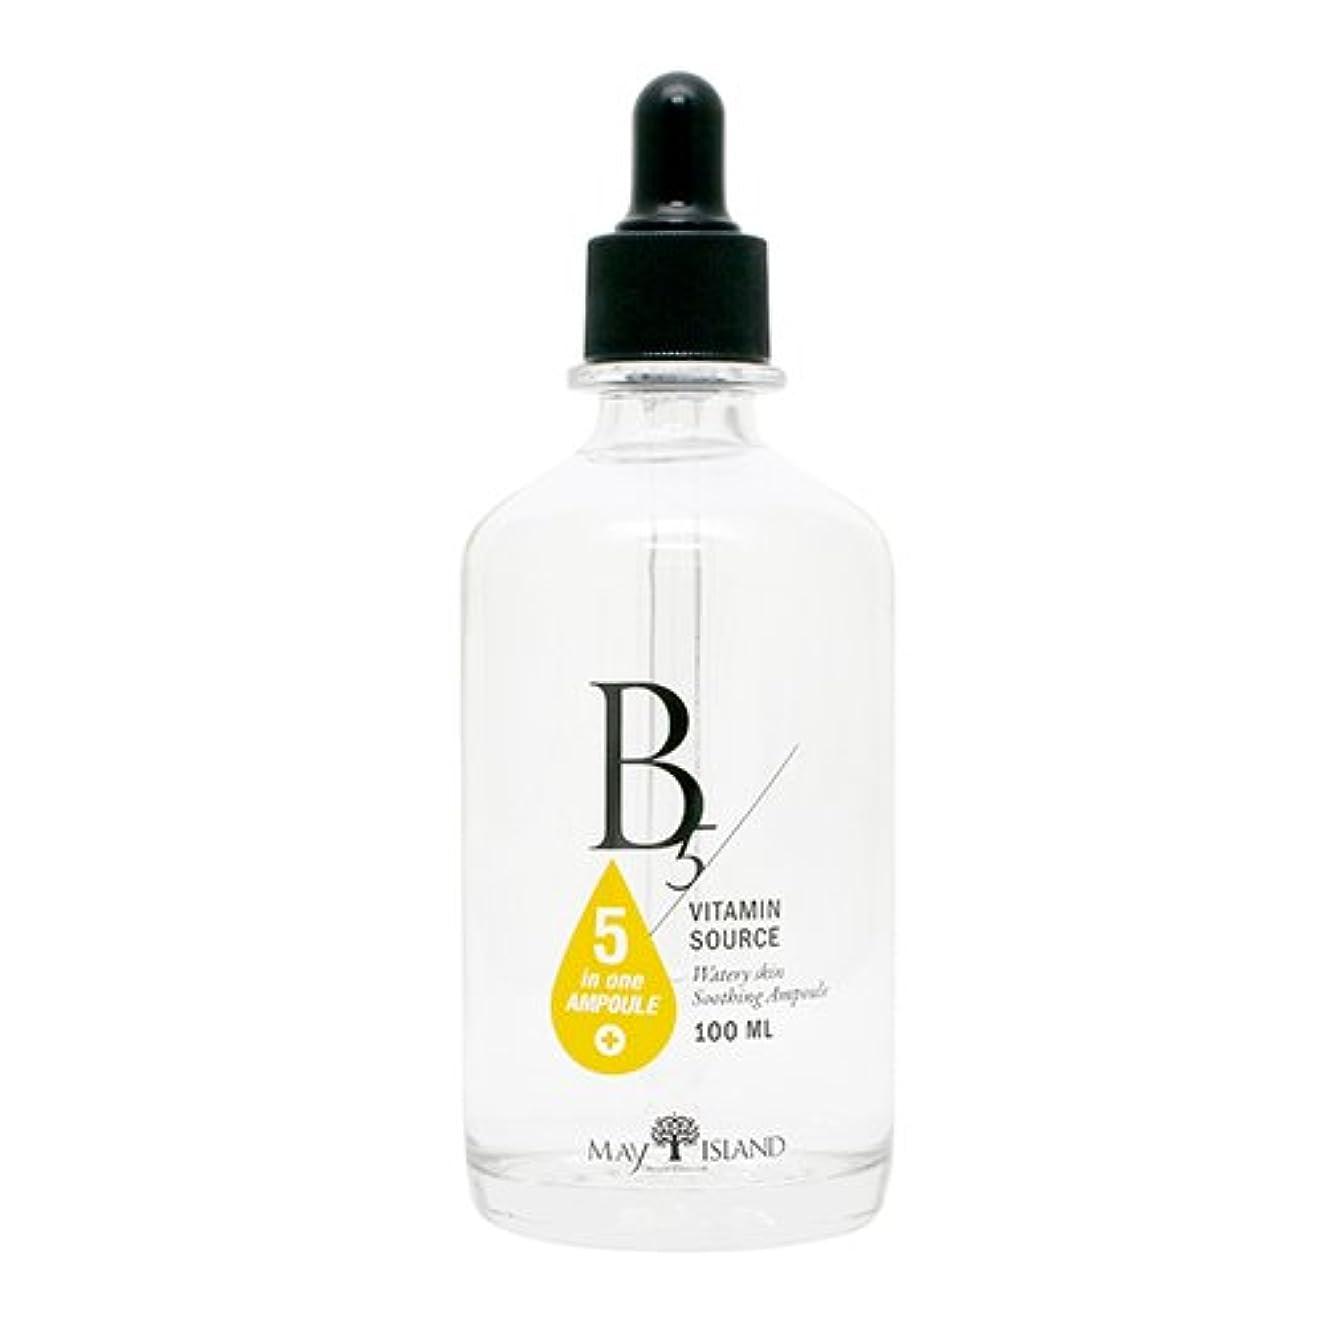 眉罰糞MAY ISLAND B5 Vitamin Souce 100ml/メイアイランド B5 ビタミン ソース 100ml [並行輸入品]